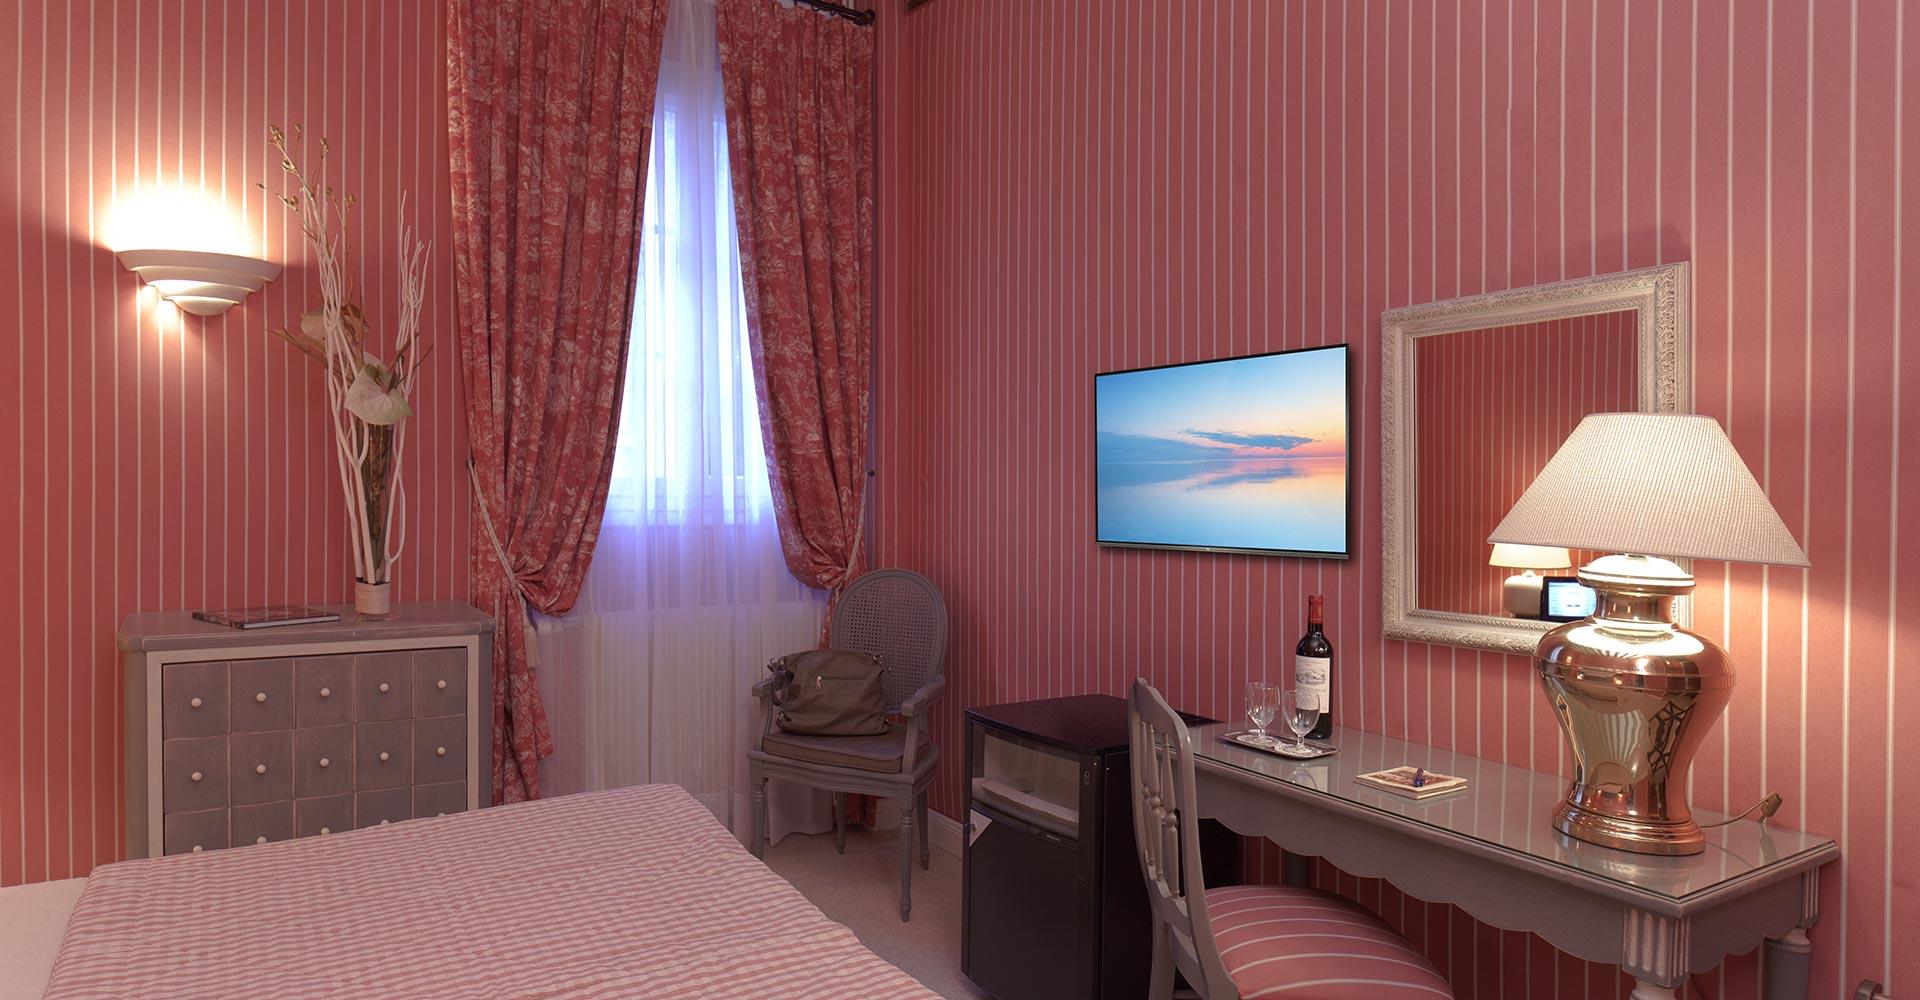 hotel_beaubourg_paris_marais_double_superieure19+